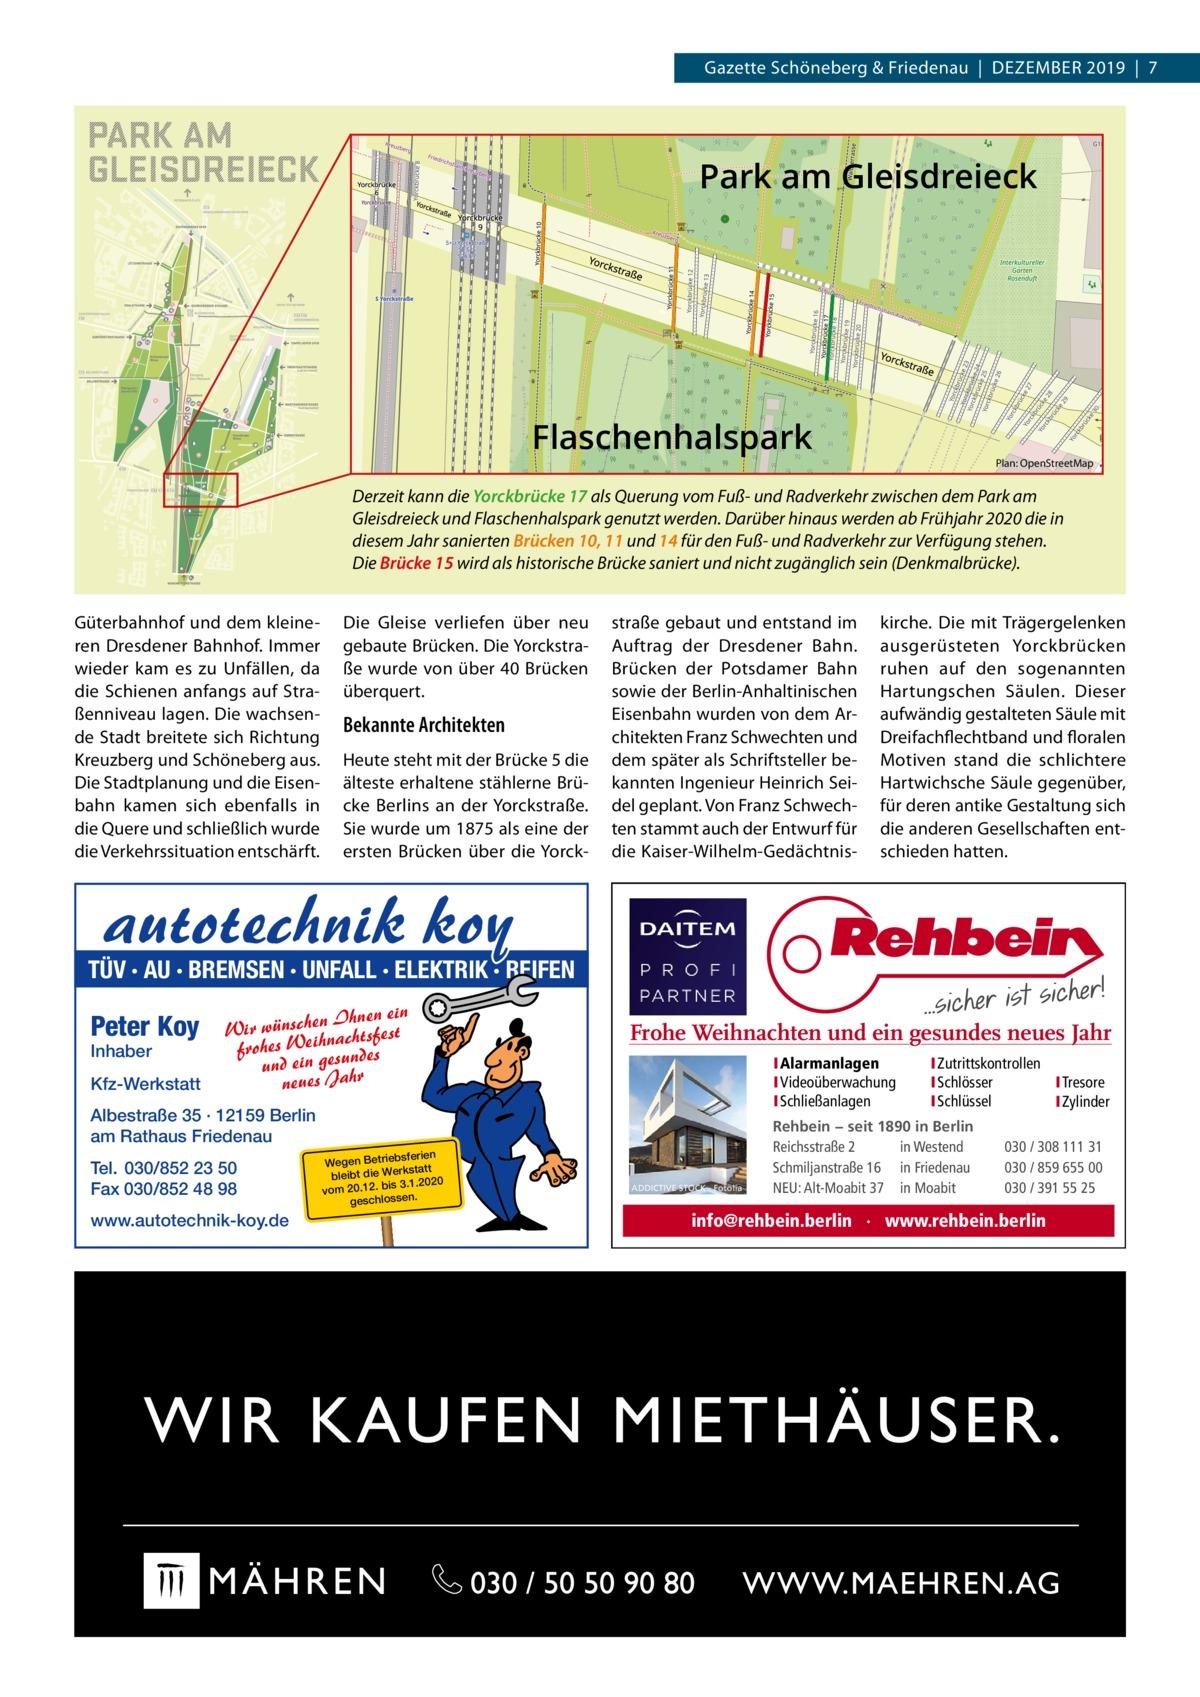 Gazette Schöneberg & Friedenau|DEZEMBER 2019|7  Park am Gleisdreieck  Flaschenhalspark  Plan: OpenStreetMap  Derzeit kann die Yorckbrücke 17 als Querung vom Fuß- und Radverkehr zwischen dem Park am Gleisdreieck und Flaschenhalspark genutzt werden. Darüber hinaus werden ab Frühjahr 2020 die in diesem Jahr sanierten Brücken 10, 11 und 14 für den Fuß- und Radverkehr zur Verfügung stehen. Die Brücke 15 wird als historische Brücke saniert und nicht zugänglich sein (Denkmalbrücke). Güterbahnhof und dem kleineren Dresdener Bahnhof. Immer wieder kam es zu Unfällen, da die Schienen anfangs auf Straßenniveau lagen. Die wachsende Stadt breitete sich Richtung Kreuzberg und Schöneberg aus. Die Stadtplanung und die Eisenbahn kamen sich ebenfalls in die Quere und schließlich wurde die Verkehrssituation entschärft.  Die Gleise verliefen über neu gebaute Brücken. Die Yorckstraße wurde von über 40 Brücken überquert.  Bekannte Architekten Heute steht mit der Brücke 5 die älteste erhaltene stählerne Brücke Berlins an der Yorckstraße. Sie wurde um 1875 als eine der ersten Brücken über die Yorck straße gebaut und entstand im Auftrag der Dresdener Bahn. Brücken der Potsdamer Bahn sowie der Berlin-Anhaltinischen Eisenbahn wurden von dem Architekten Franz Schwechten und dem später als Schriftsteller bekannten Ingenieur Heinrich Seidel geplant. Von Franz Schwechten stammt auch der Entwurf für die Kaiser-Wilhelm-Gedächtnis kirche. Die mit Trägergelenken ausgerüsteten Yorckbrücken ruhen auf den sogenannten Hartungschen Säulen. Dieser aufwändig gestalteten Säule mit Dreifachflechtband und floralen Motiven stand die schlichtere Hartwichsche Säule gegenüber, für deren antike Gestaltung sich die anderen Gesellschaften entschieden hatten.  autotechnik koy  TÜV · AU · BREMSEN · UNFALL · ELEKTRIK · REIFEN  Peter Koy Inhaber  Kfz-Werkstatt  n Ihnen ein Wir wünschehnachtsfest ei frohes W ndes und ein gesu hr a J s ue ne  Frohe Weihnachten und ein gesundes neues Jahr IAlarmanlagen IVideoüberwachung ISch